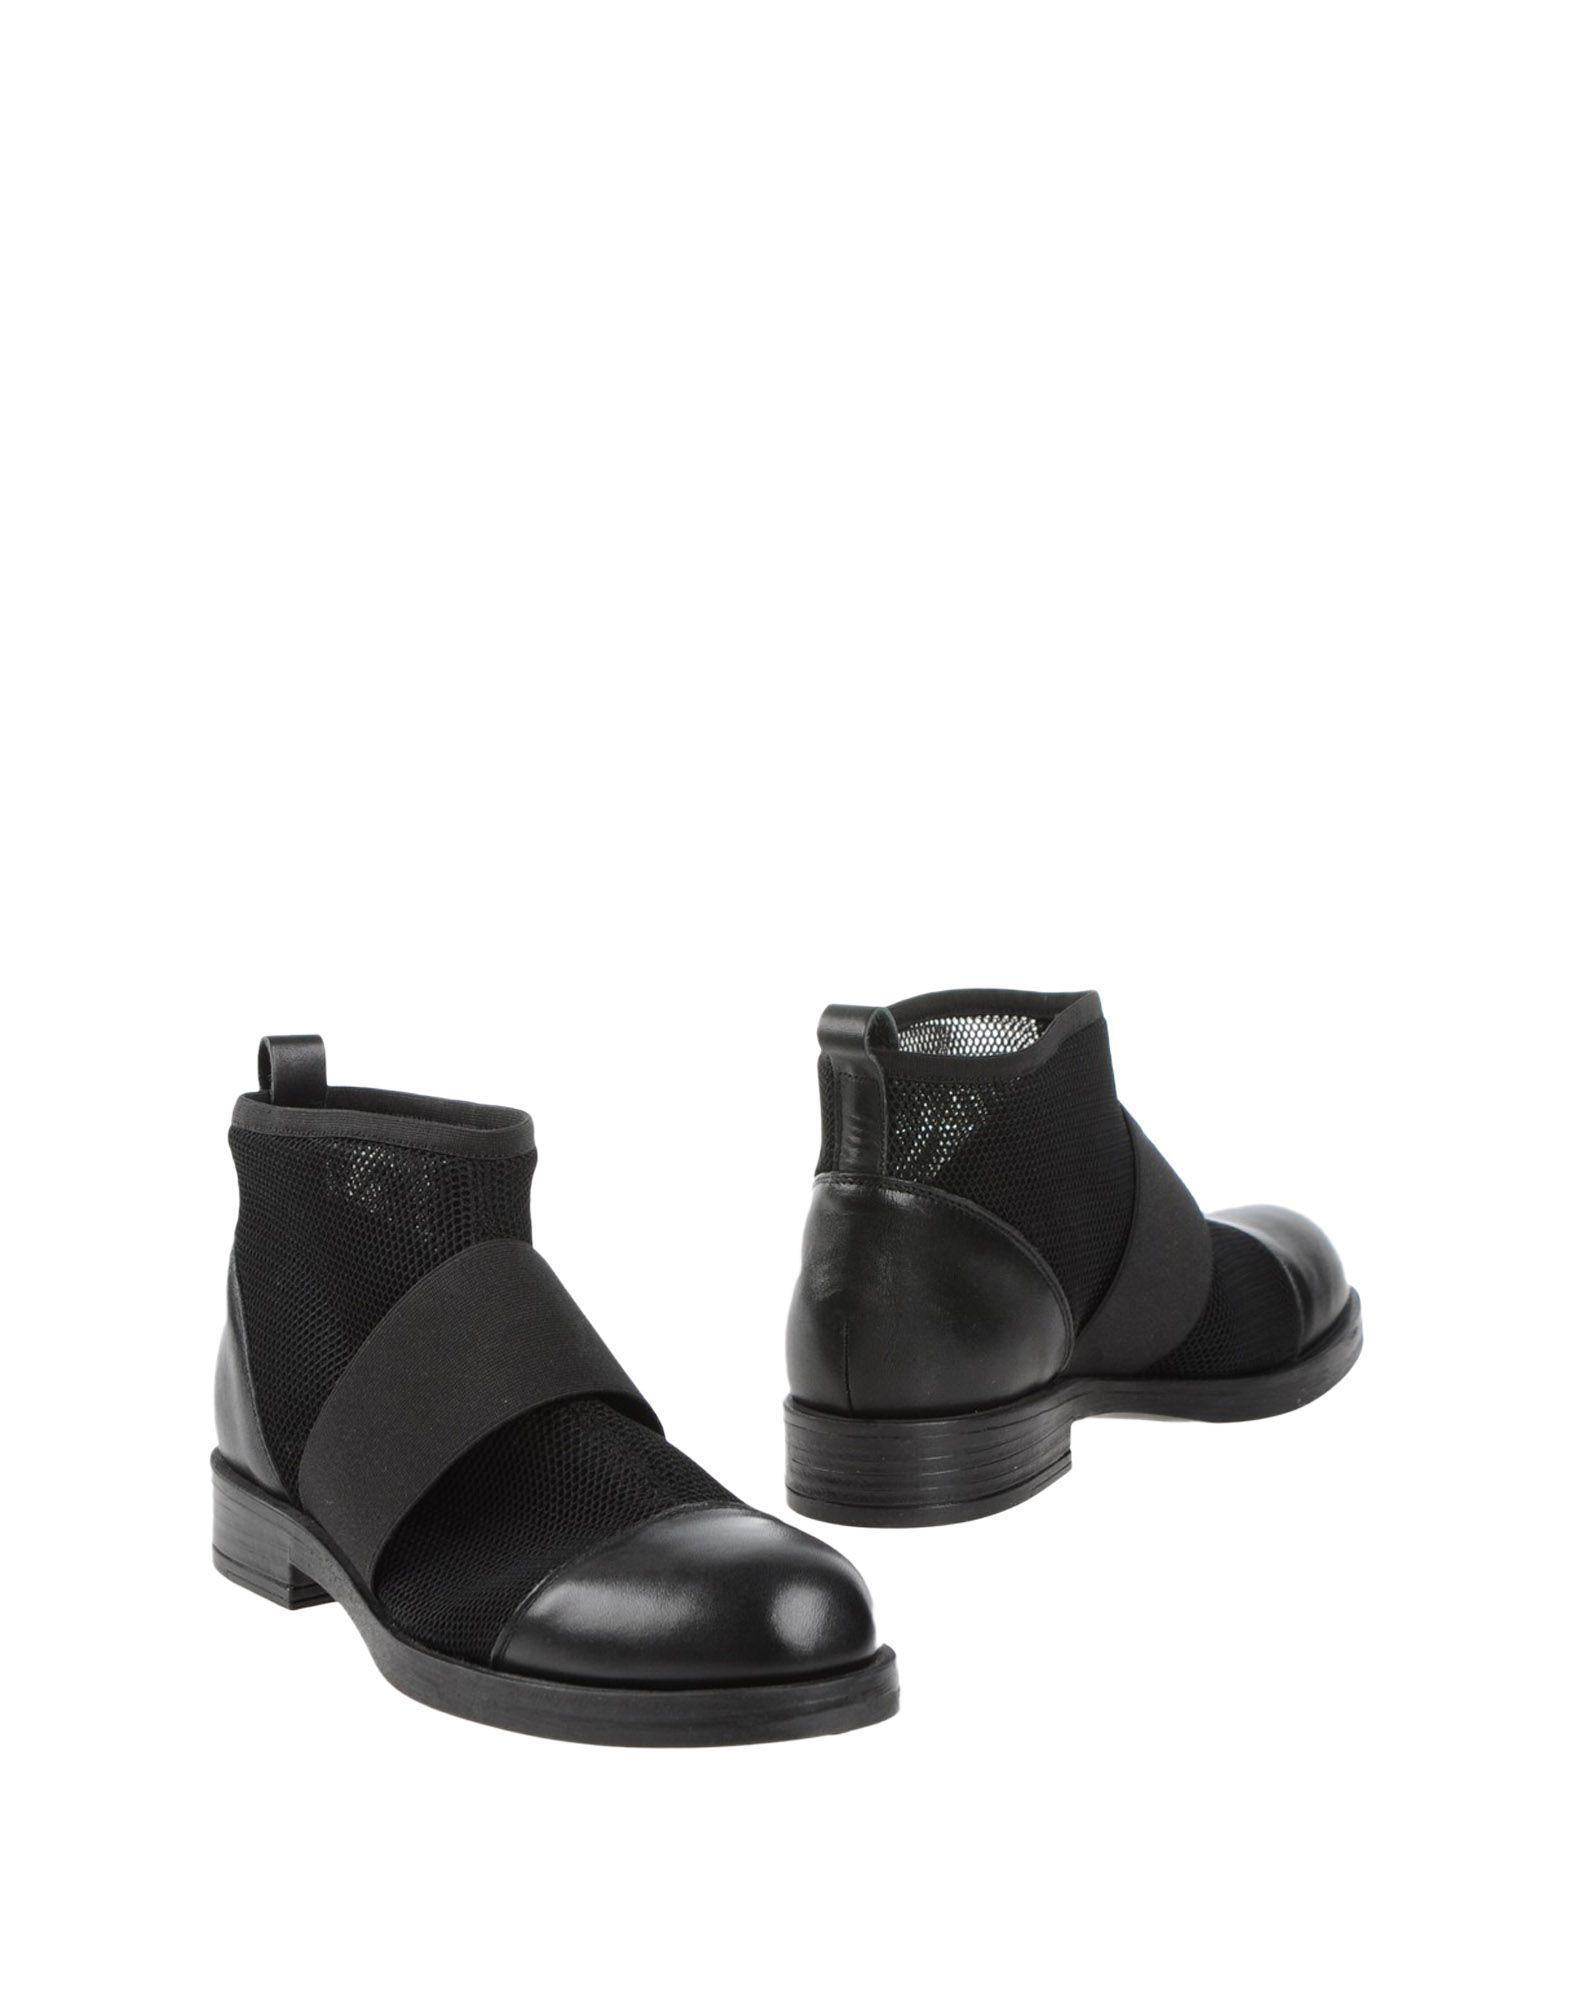 Spektra  Paris Stiefelette Damen  11238629ES Schuhe Gute Qualität beliebte Schuhe 11238629ES 0d11ec